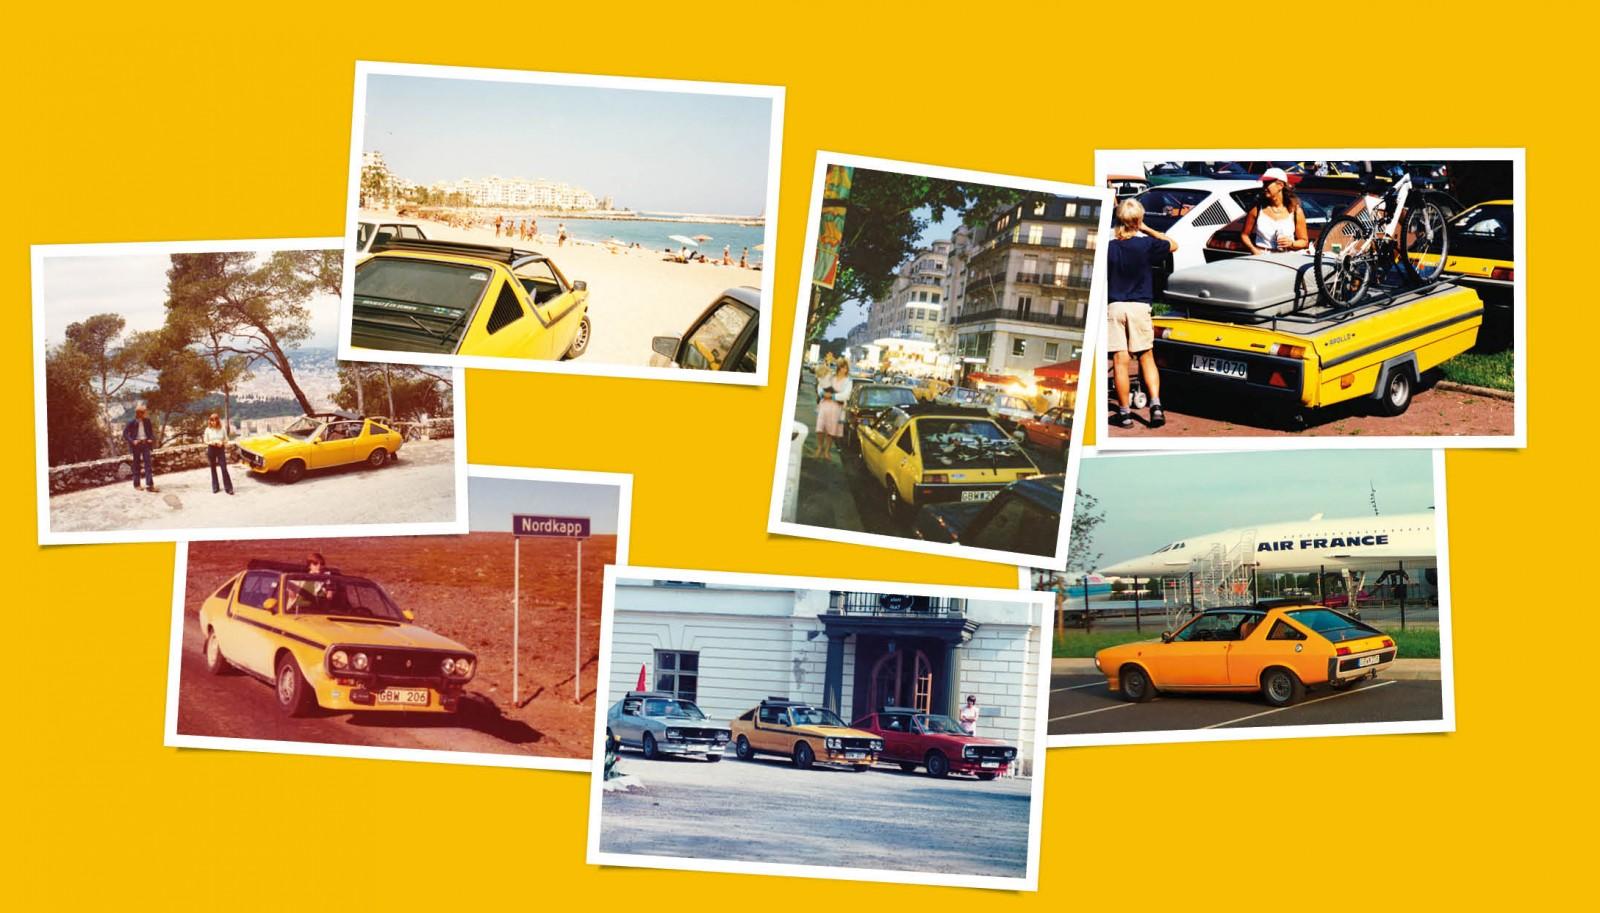 Resmålen har blivit många genom åren, från första resan till Nice direkt efter inköpet har det fortsatt till dagens datum. Tältvagnen Camp-let har självklart utrustats med en komplett bakdel från Renault 17.